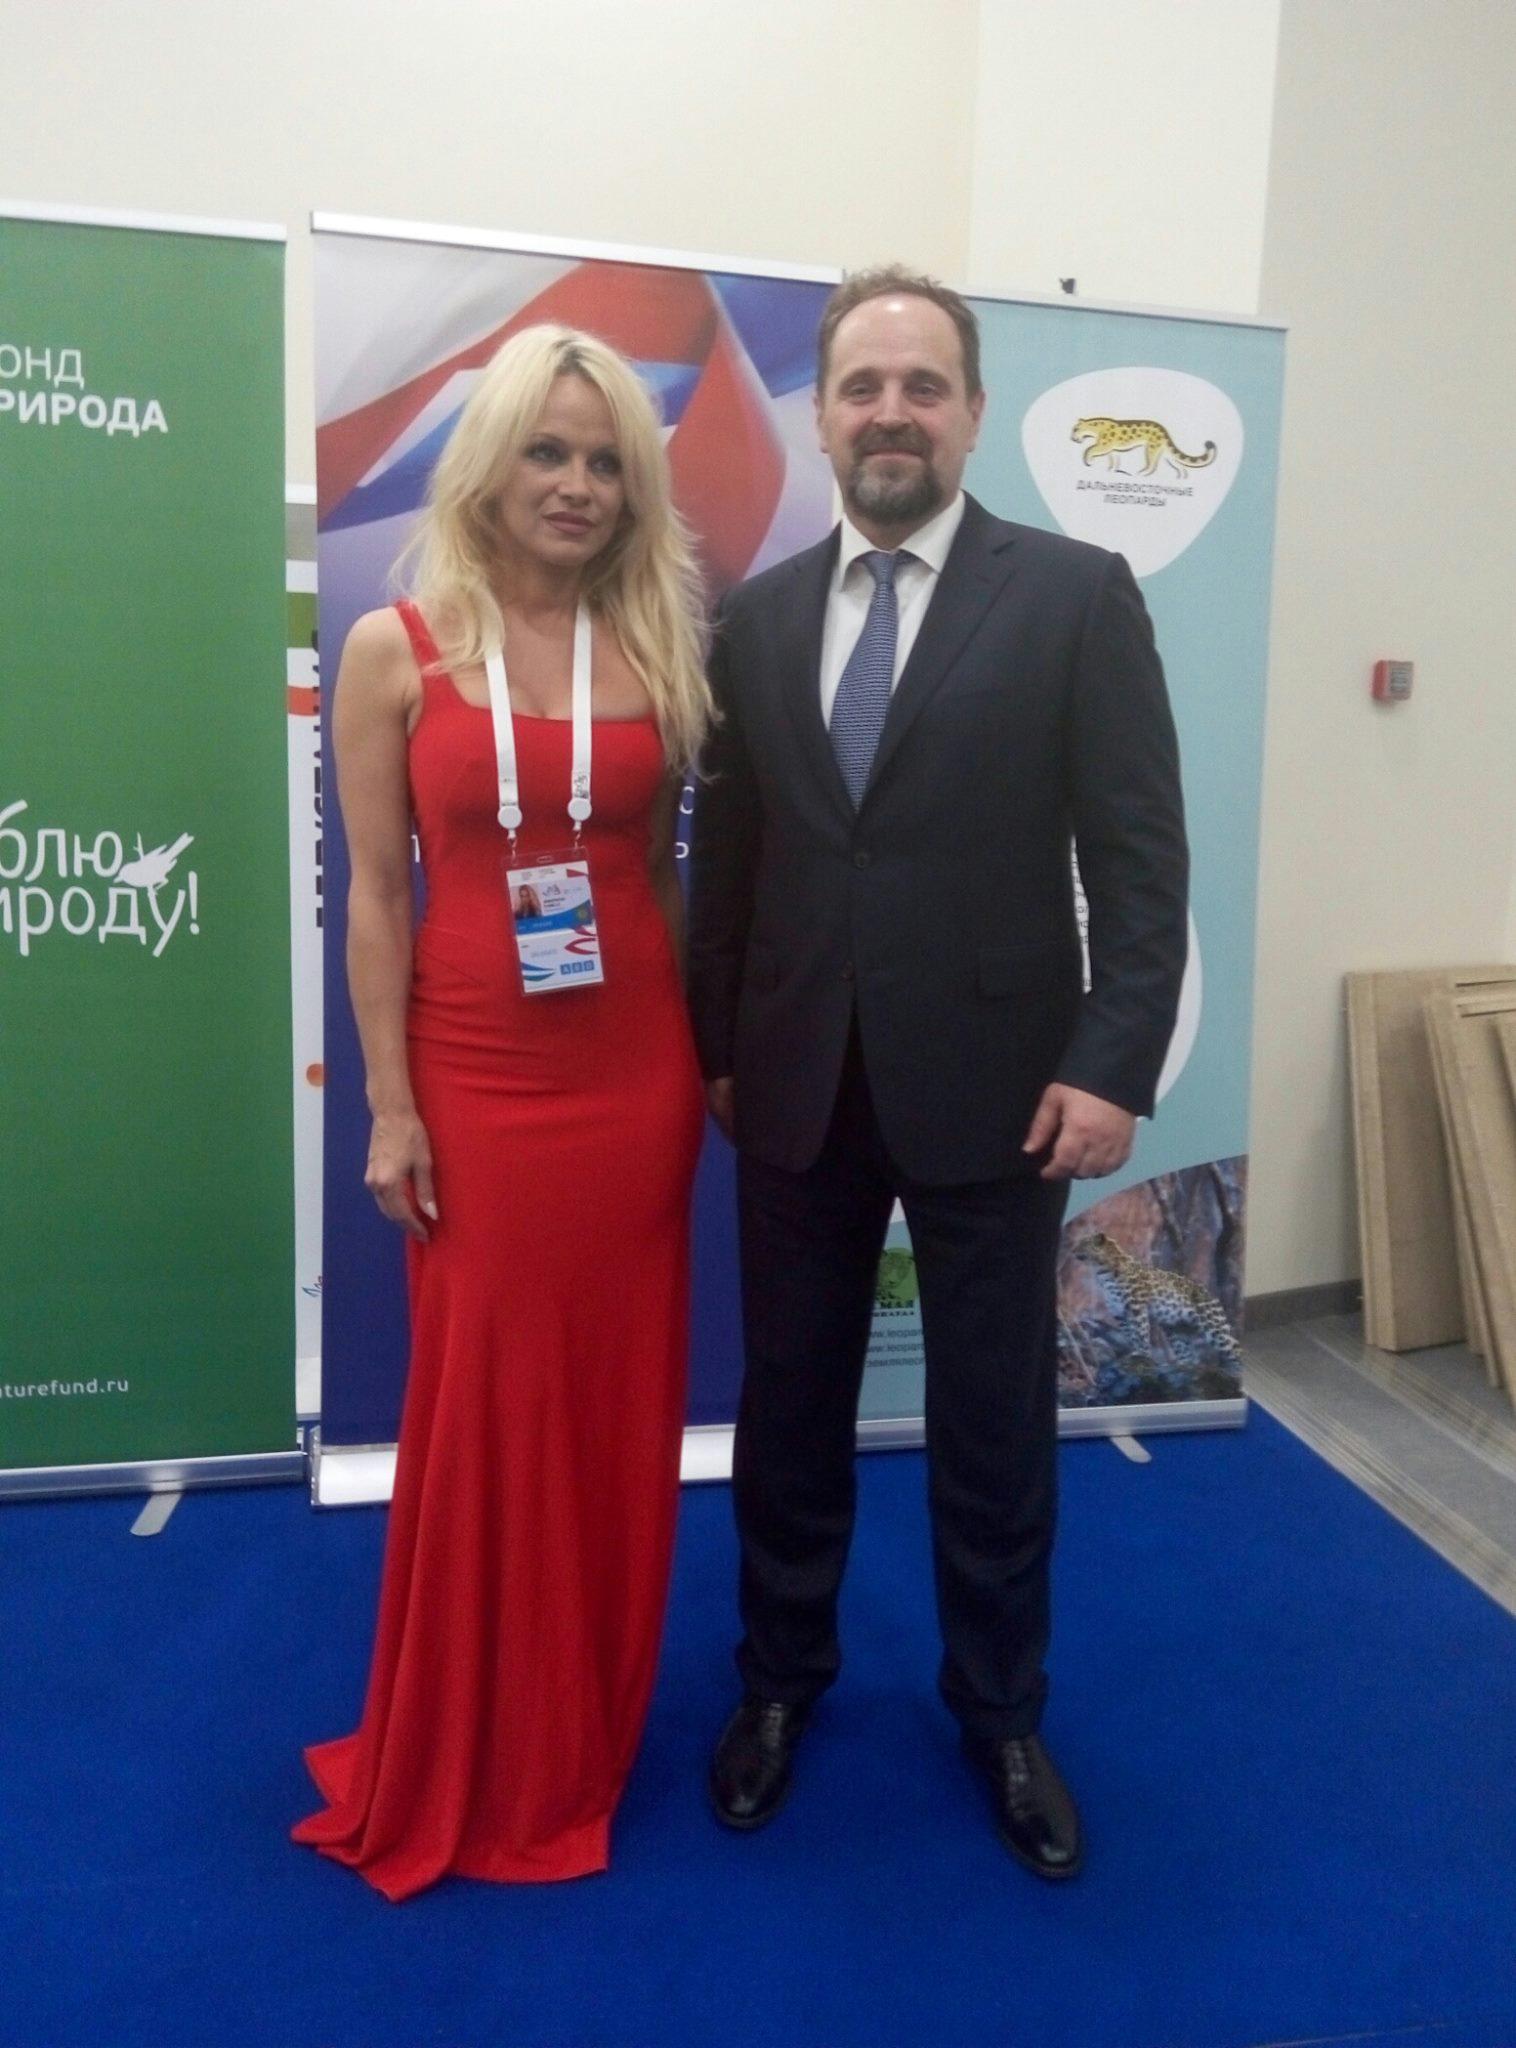 Pamela - Donskoy